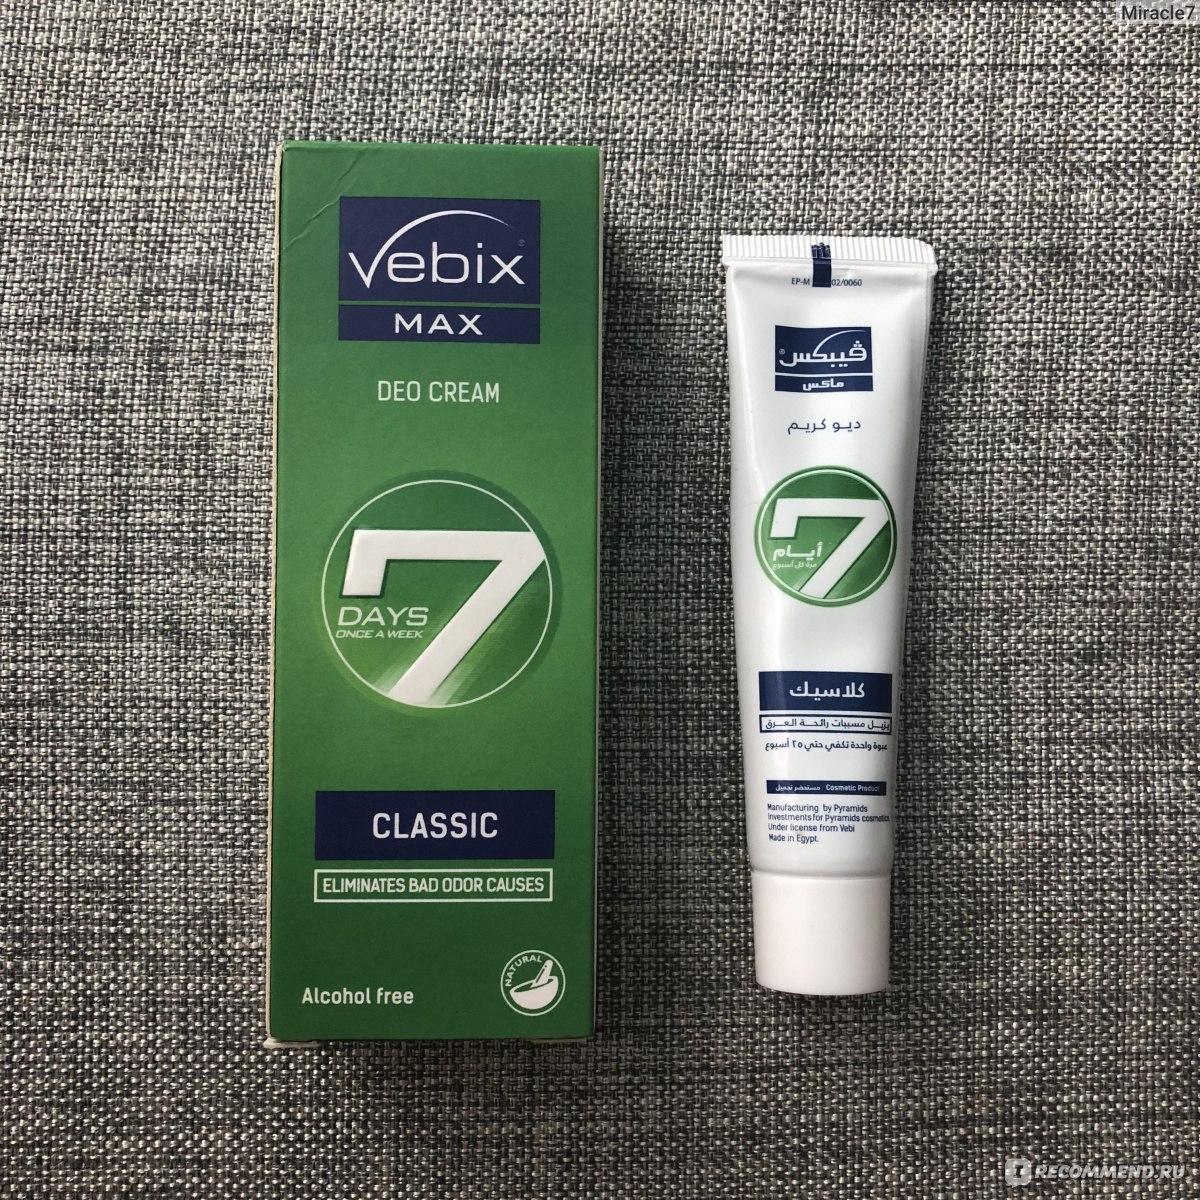 Дезодорант-крем Vebix Deo Cream Max 7 Days - унисекс ,зеленый ,Египет ,Оригинал